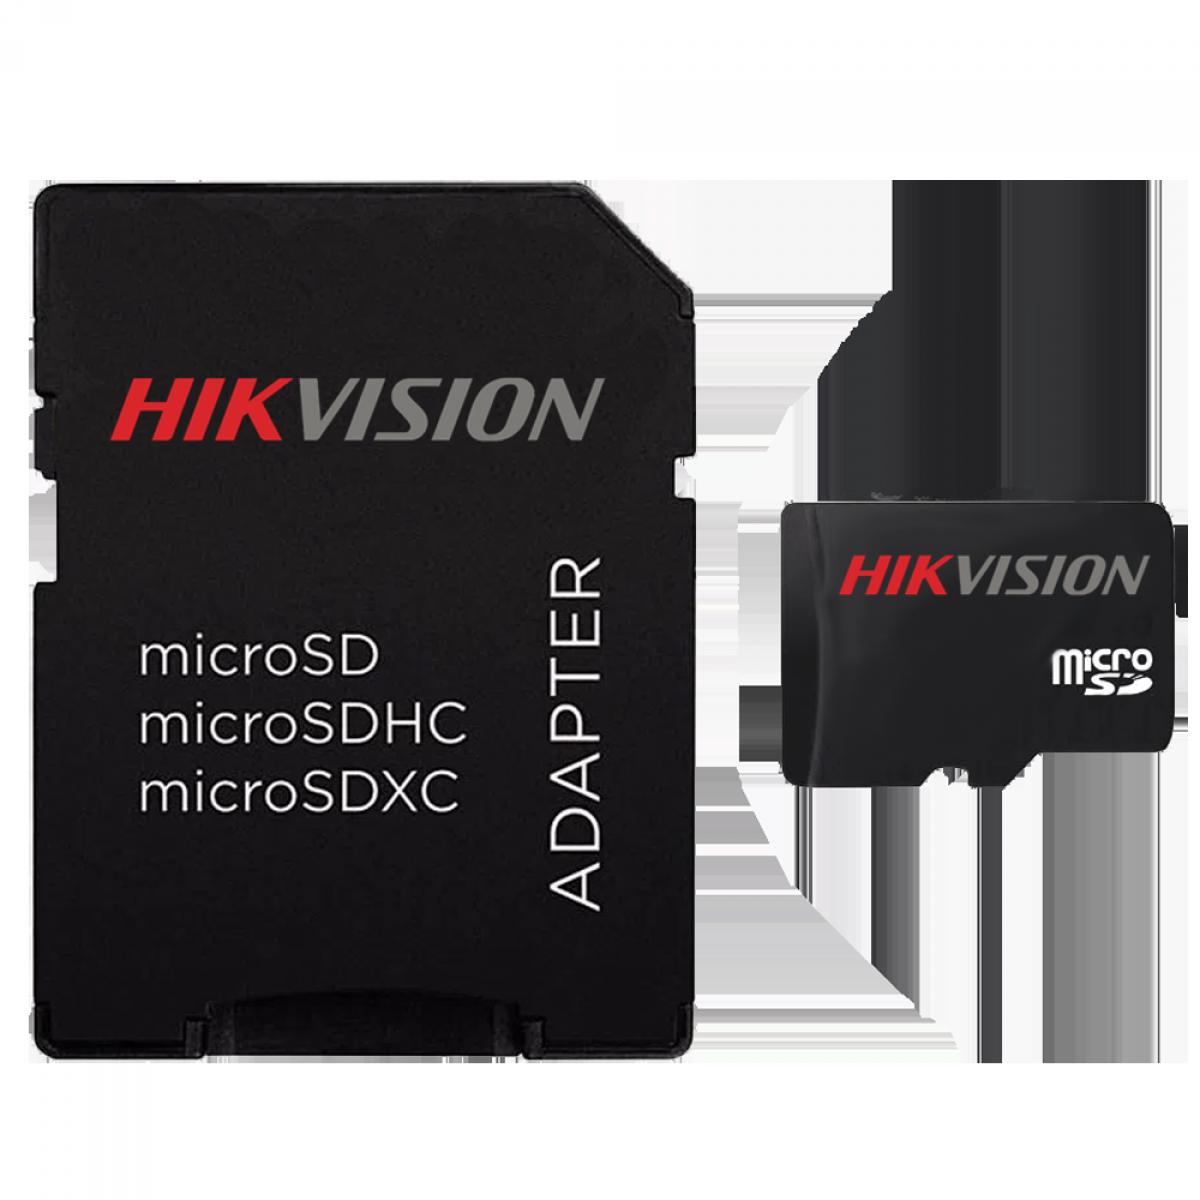 Cartão de Memória Hikvision Micro SDXC I, 64GB, V30, Class 10, HS-TF-C1/64G - COM ADAPTADOR